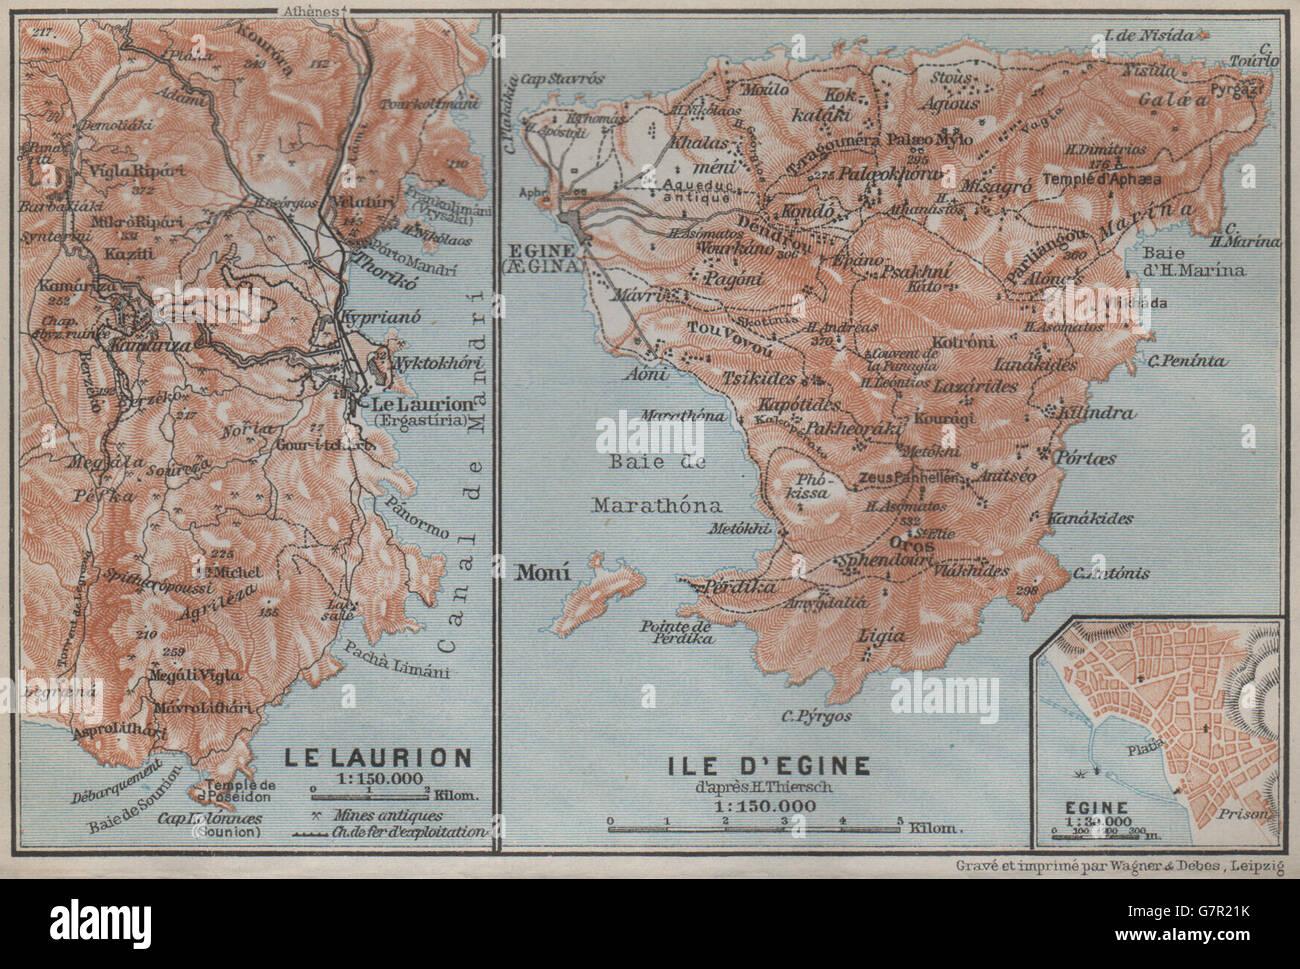 AEGINA island LAURIUM LAVRIO Egina plan Topomap Greece 1909